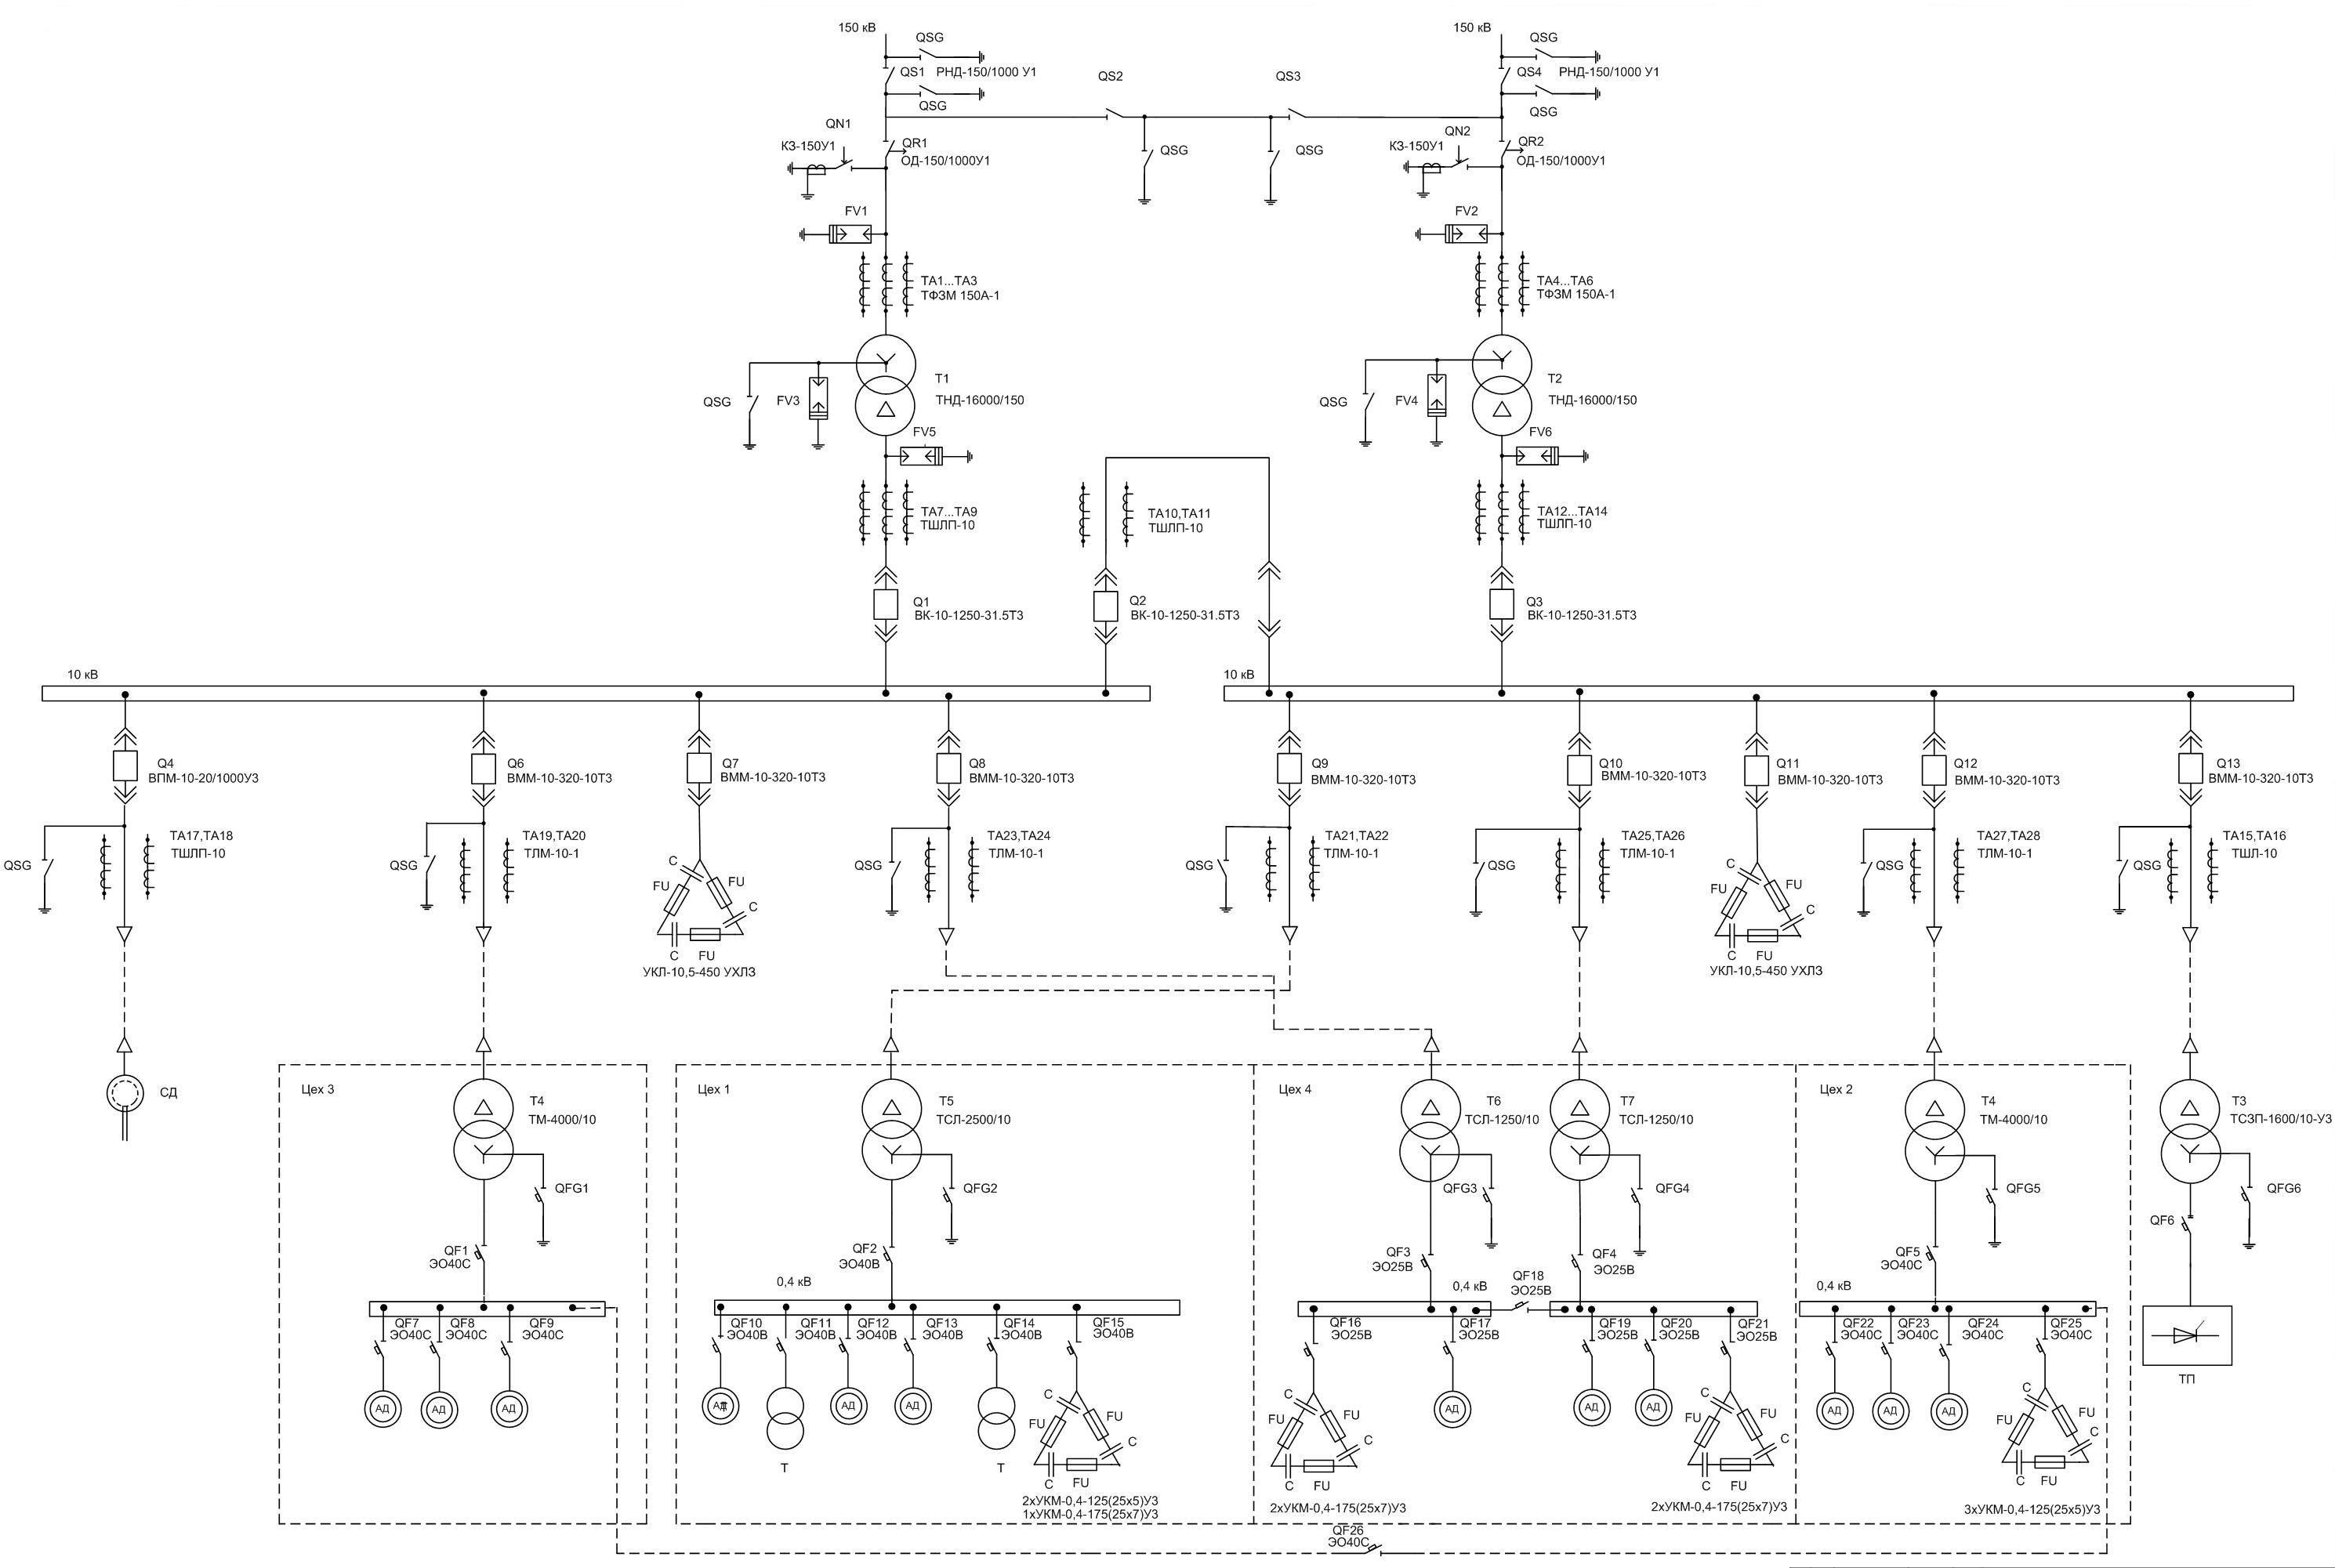 Sxema-elektrosnabgenia